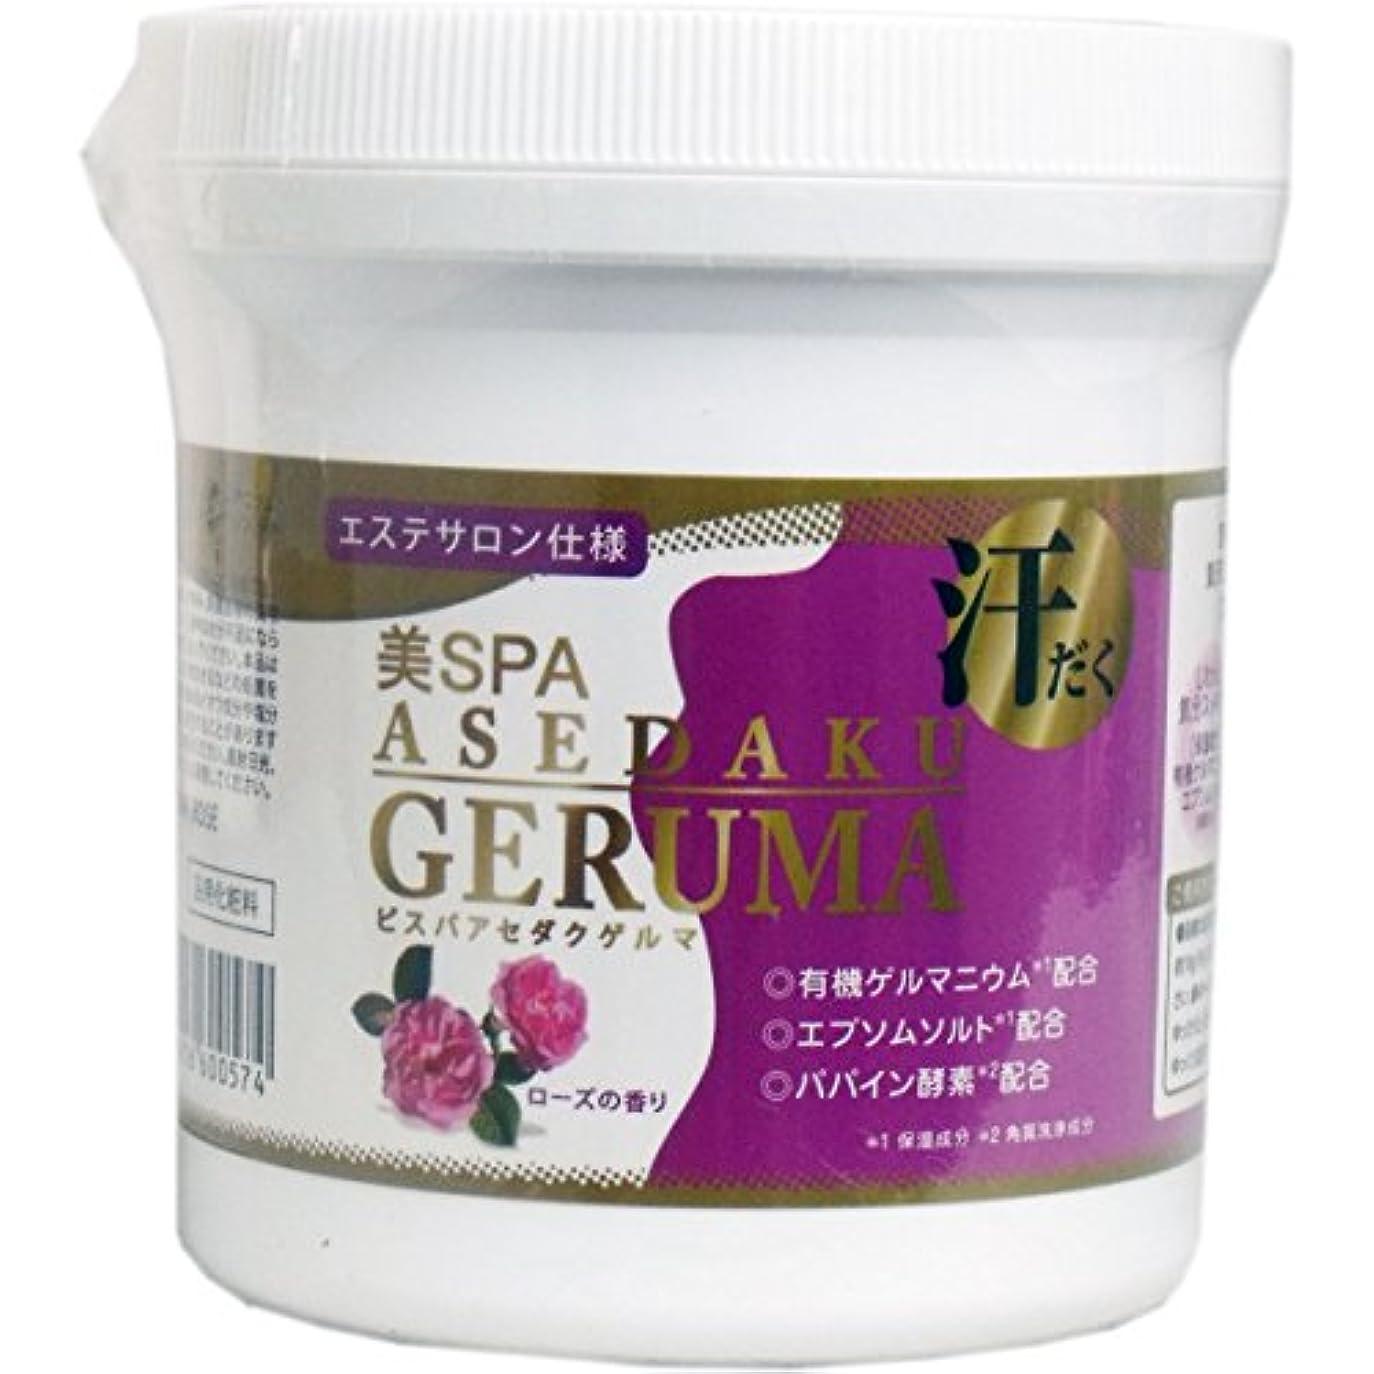 はげ貞布日本生化学 ビスパ アセダクゲルマ ローズの香り 400g